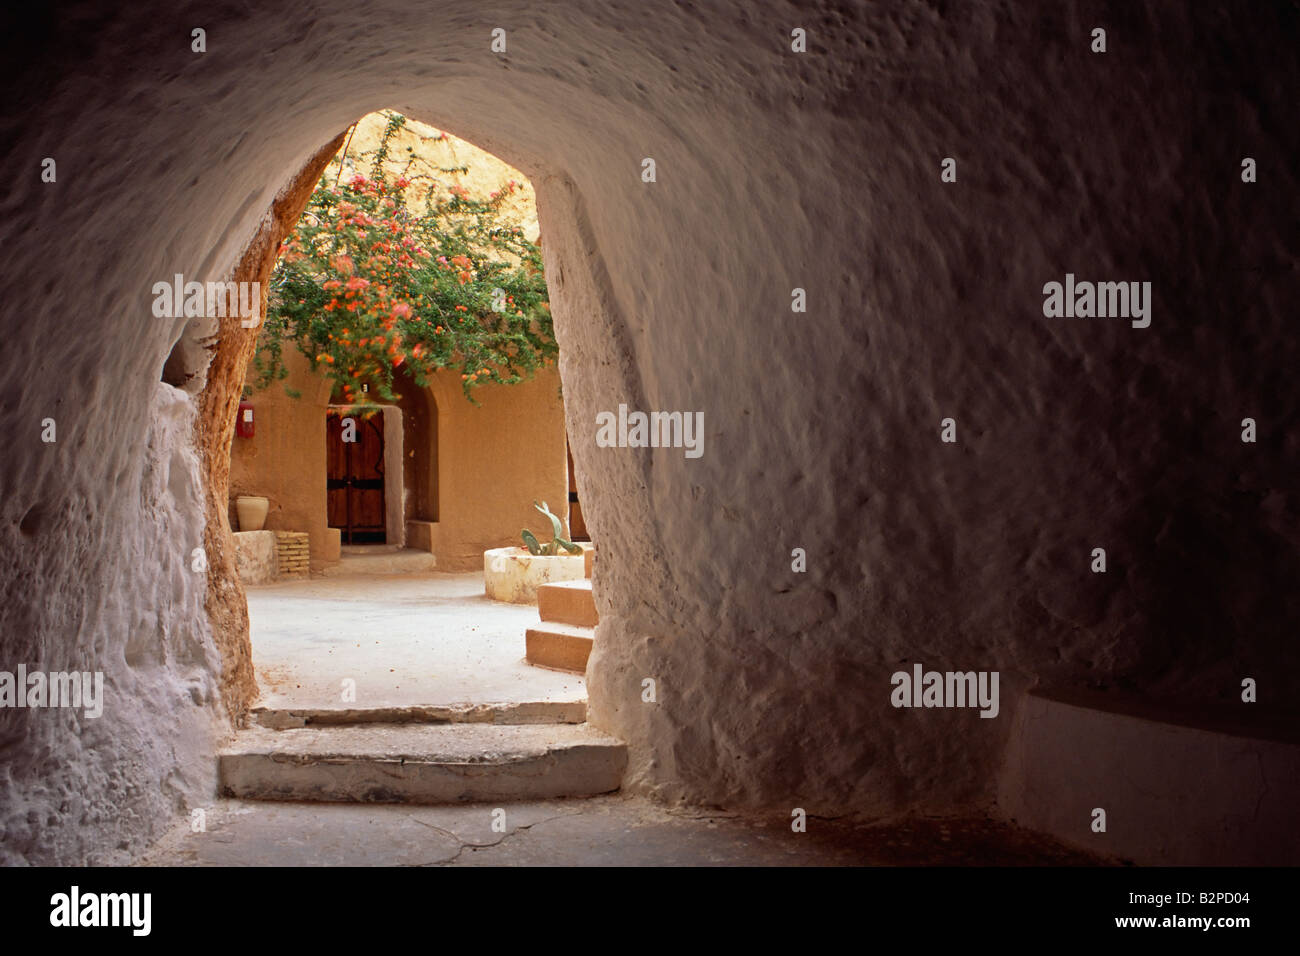 Interior de la cueva hotel en Matmata en Túnez. El hotel fue utilizado como escenario de la película de Imagen De Stock